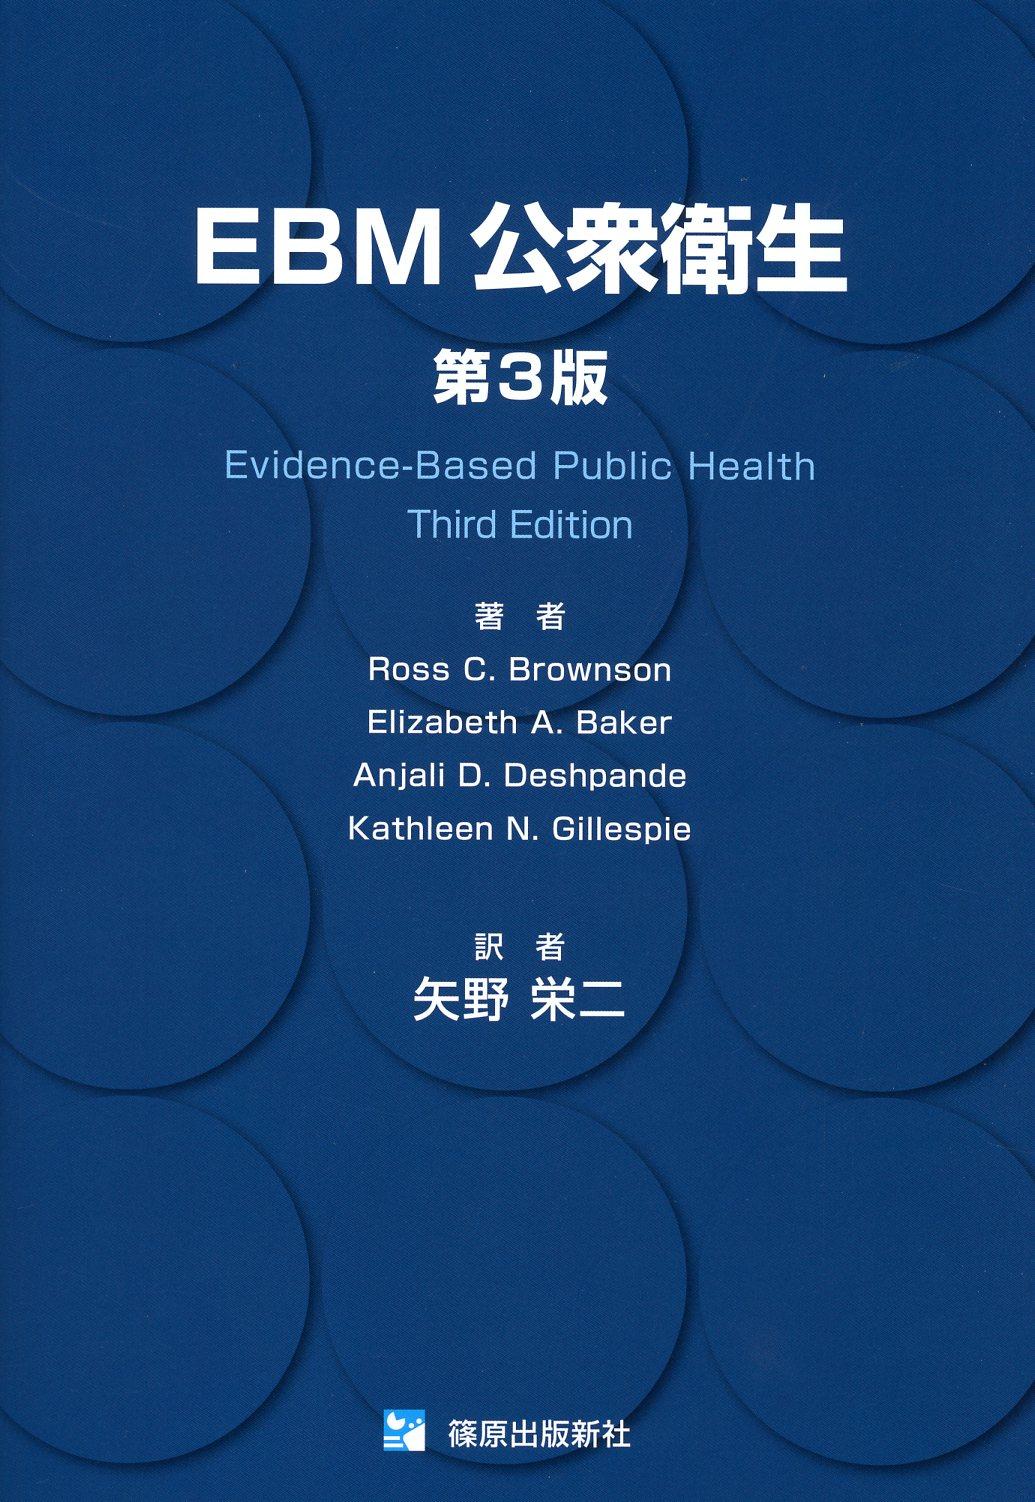 EBM公衆衛生 第3版 / 高陽堂書店